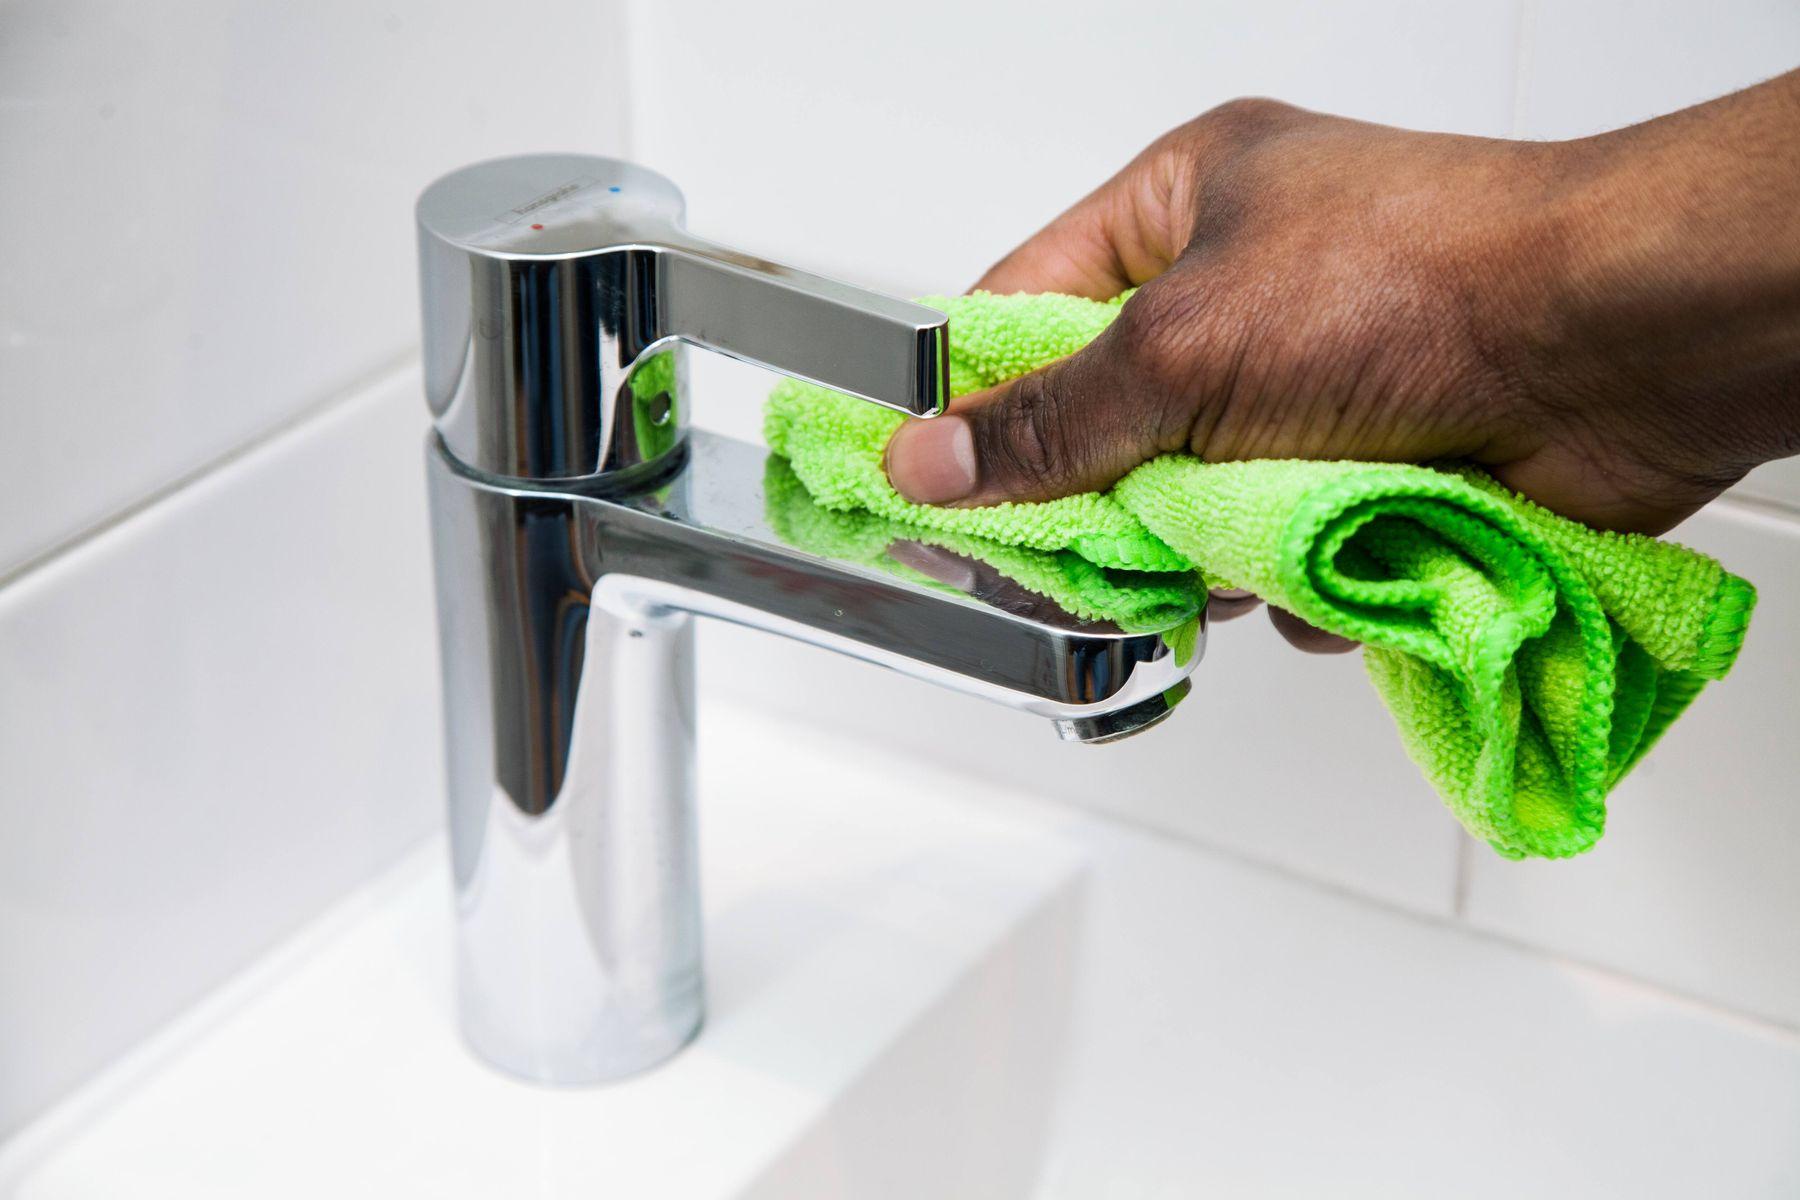 Pessoa limpando torneira do banheiro com pano